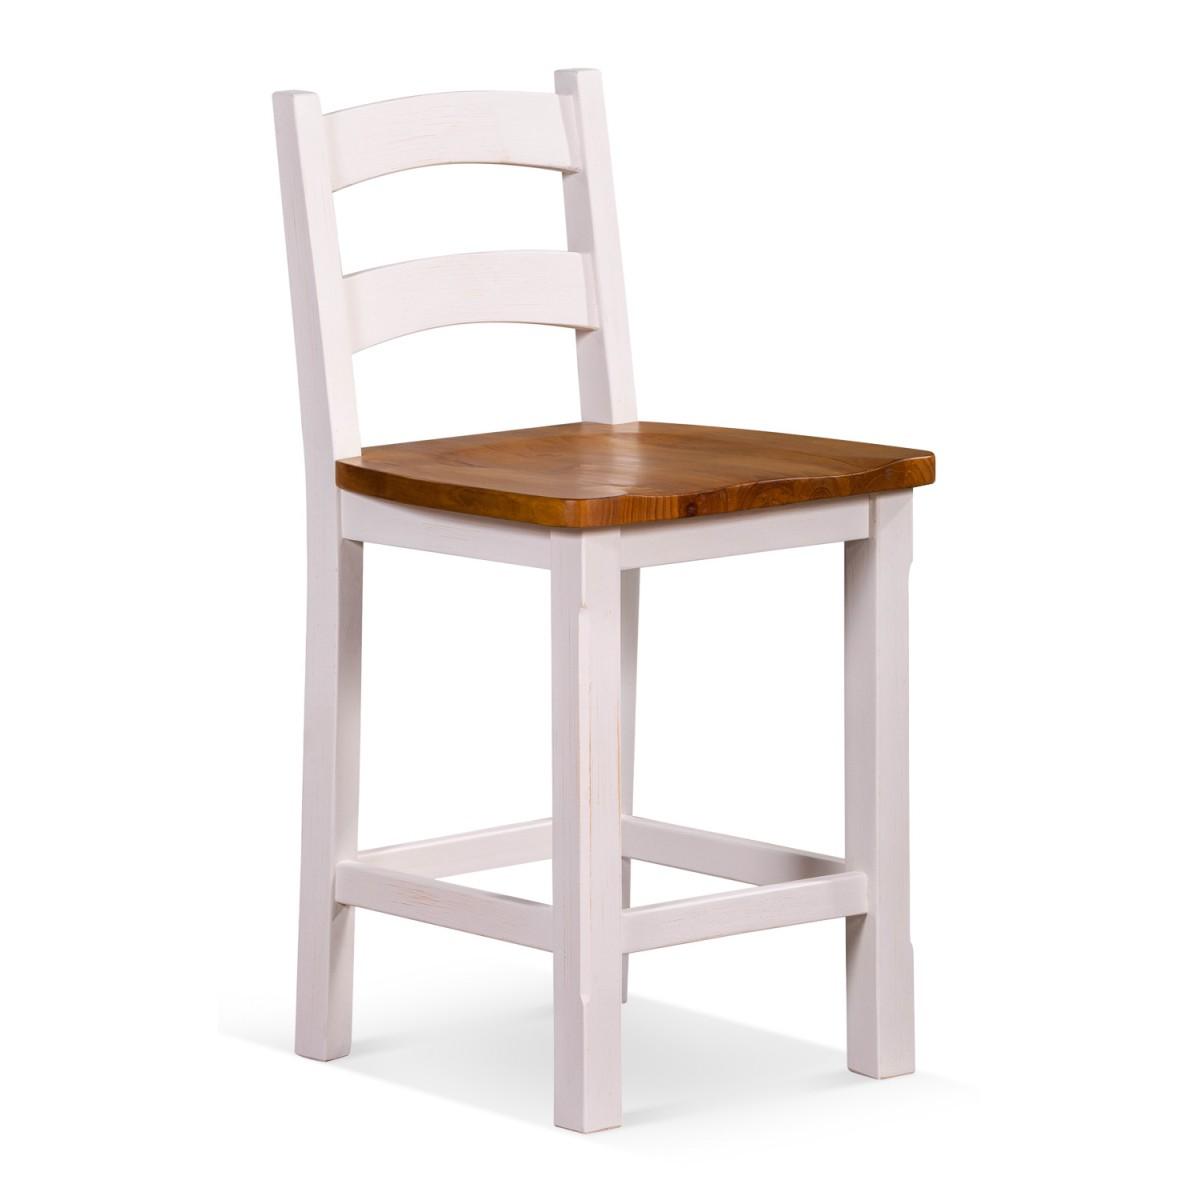 Chaise haute Bois Blanc 47.4x48.3x95cm